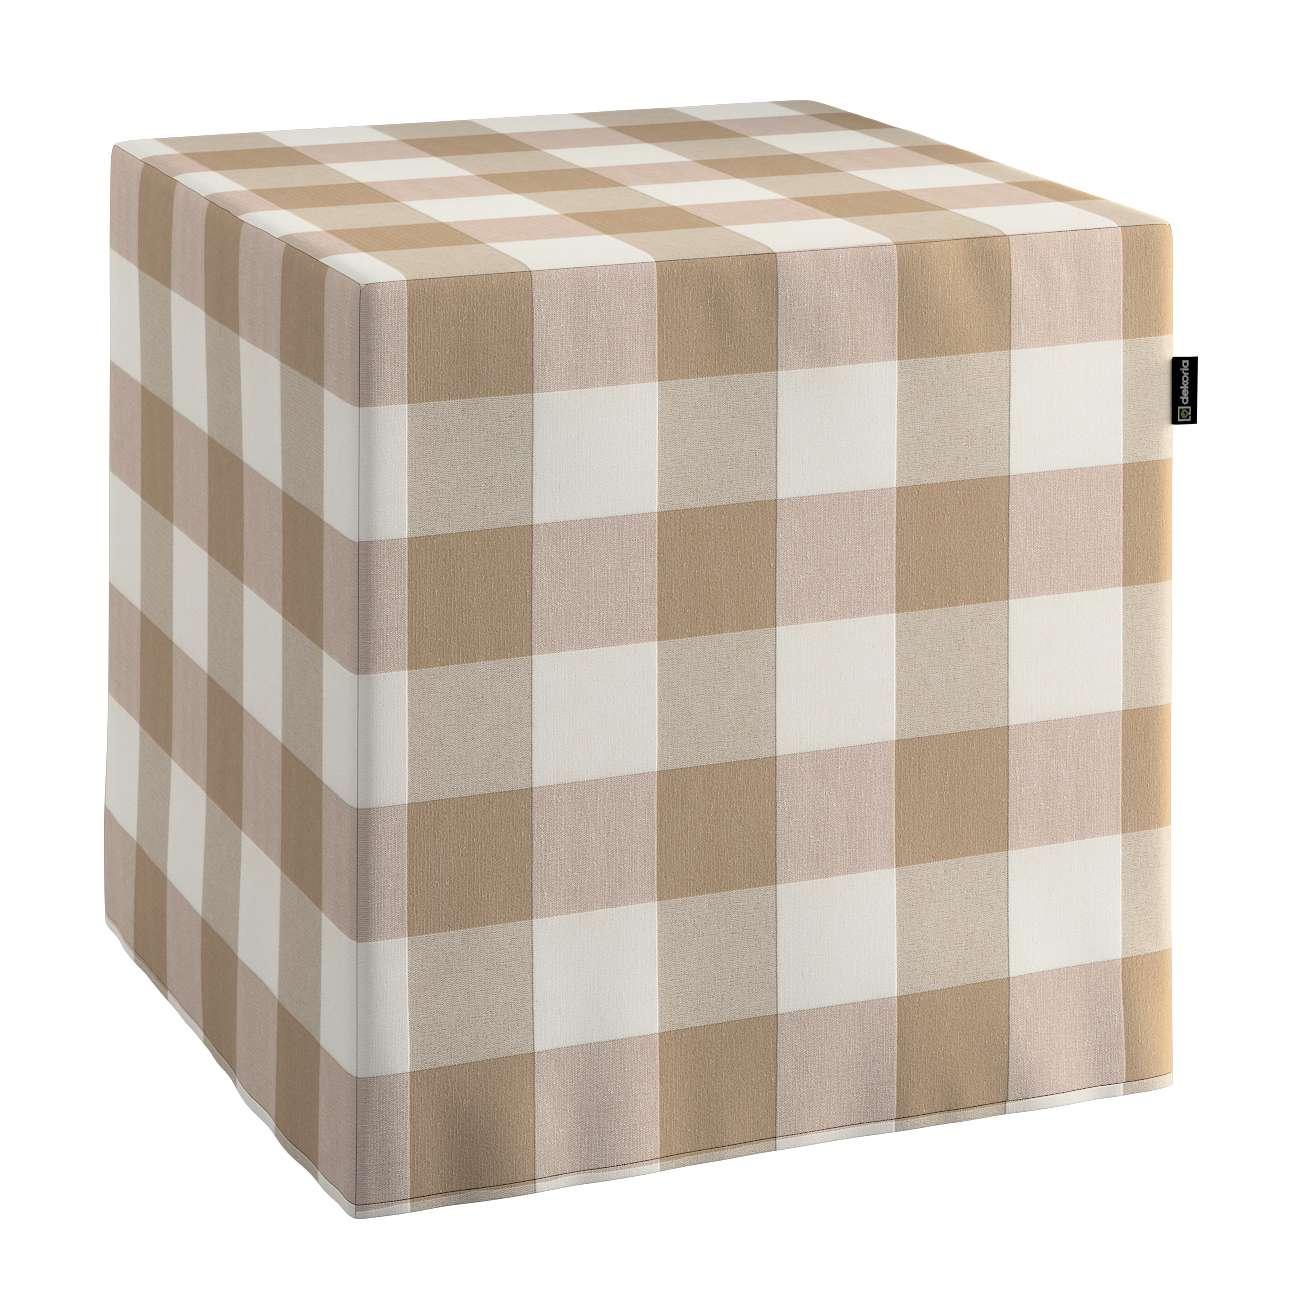 Sedák kostka - pevná 40x40x40 v kolekci Quadro, látka: 136-08